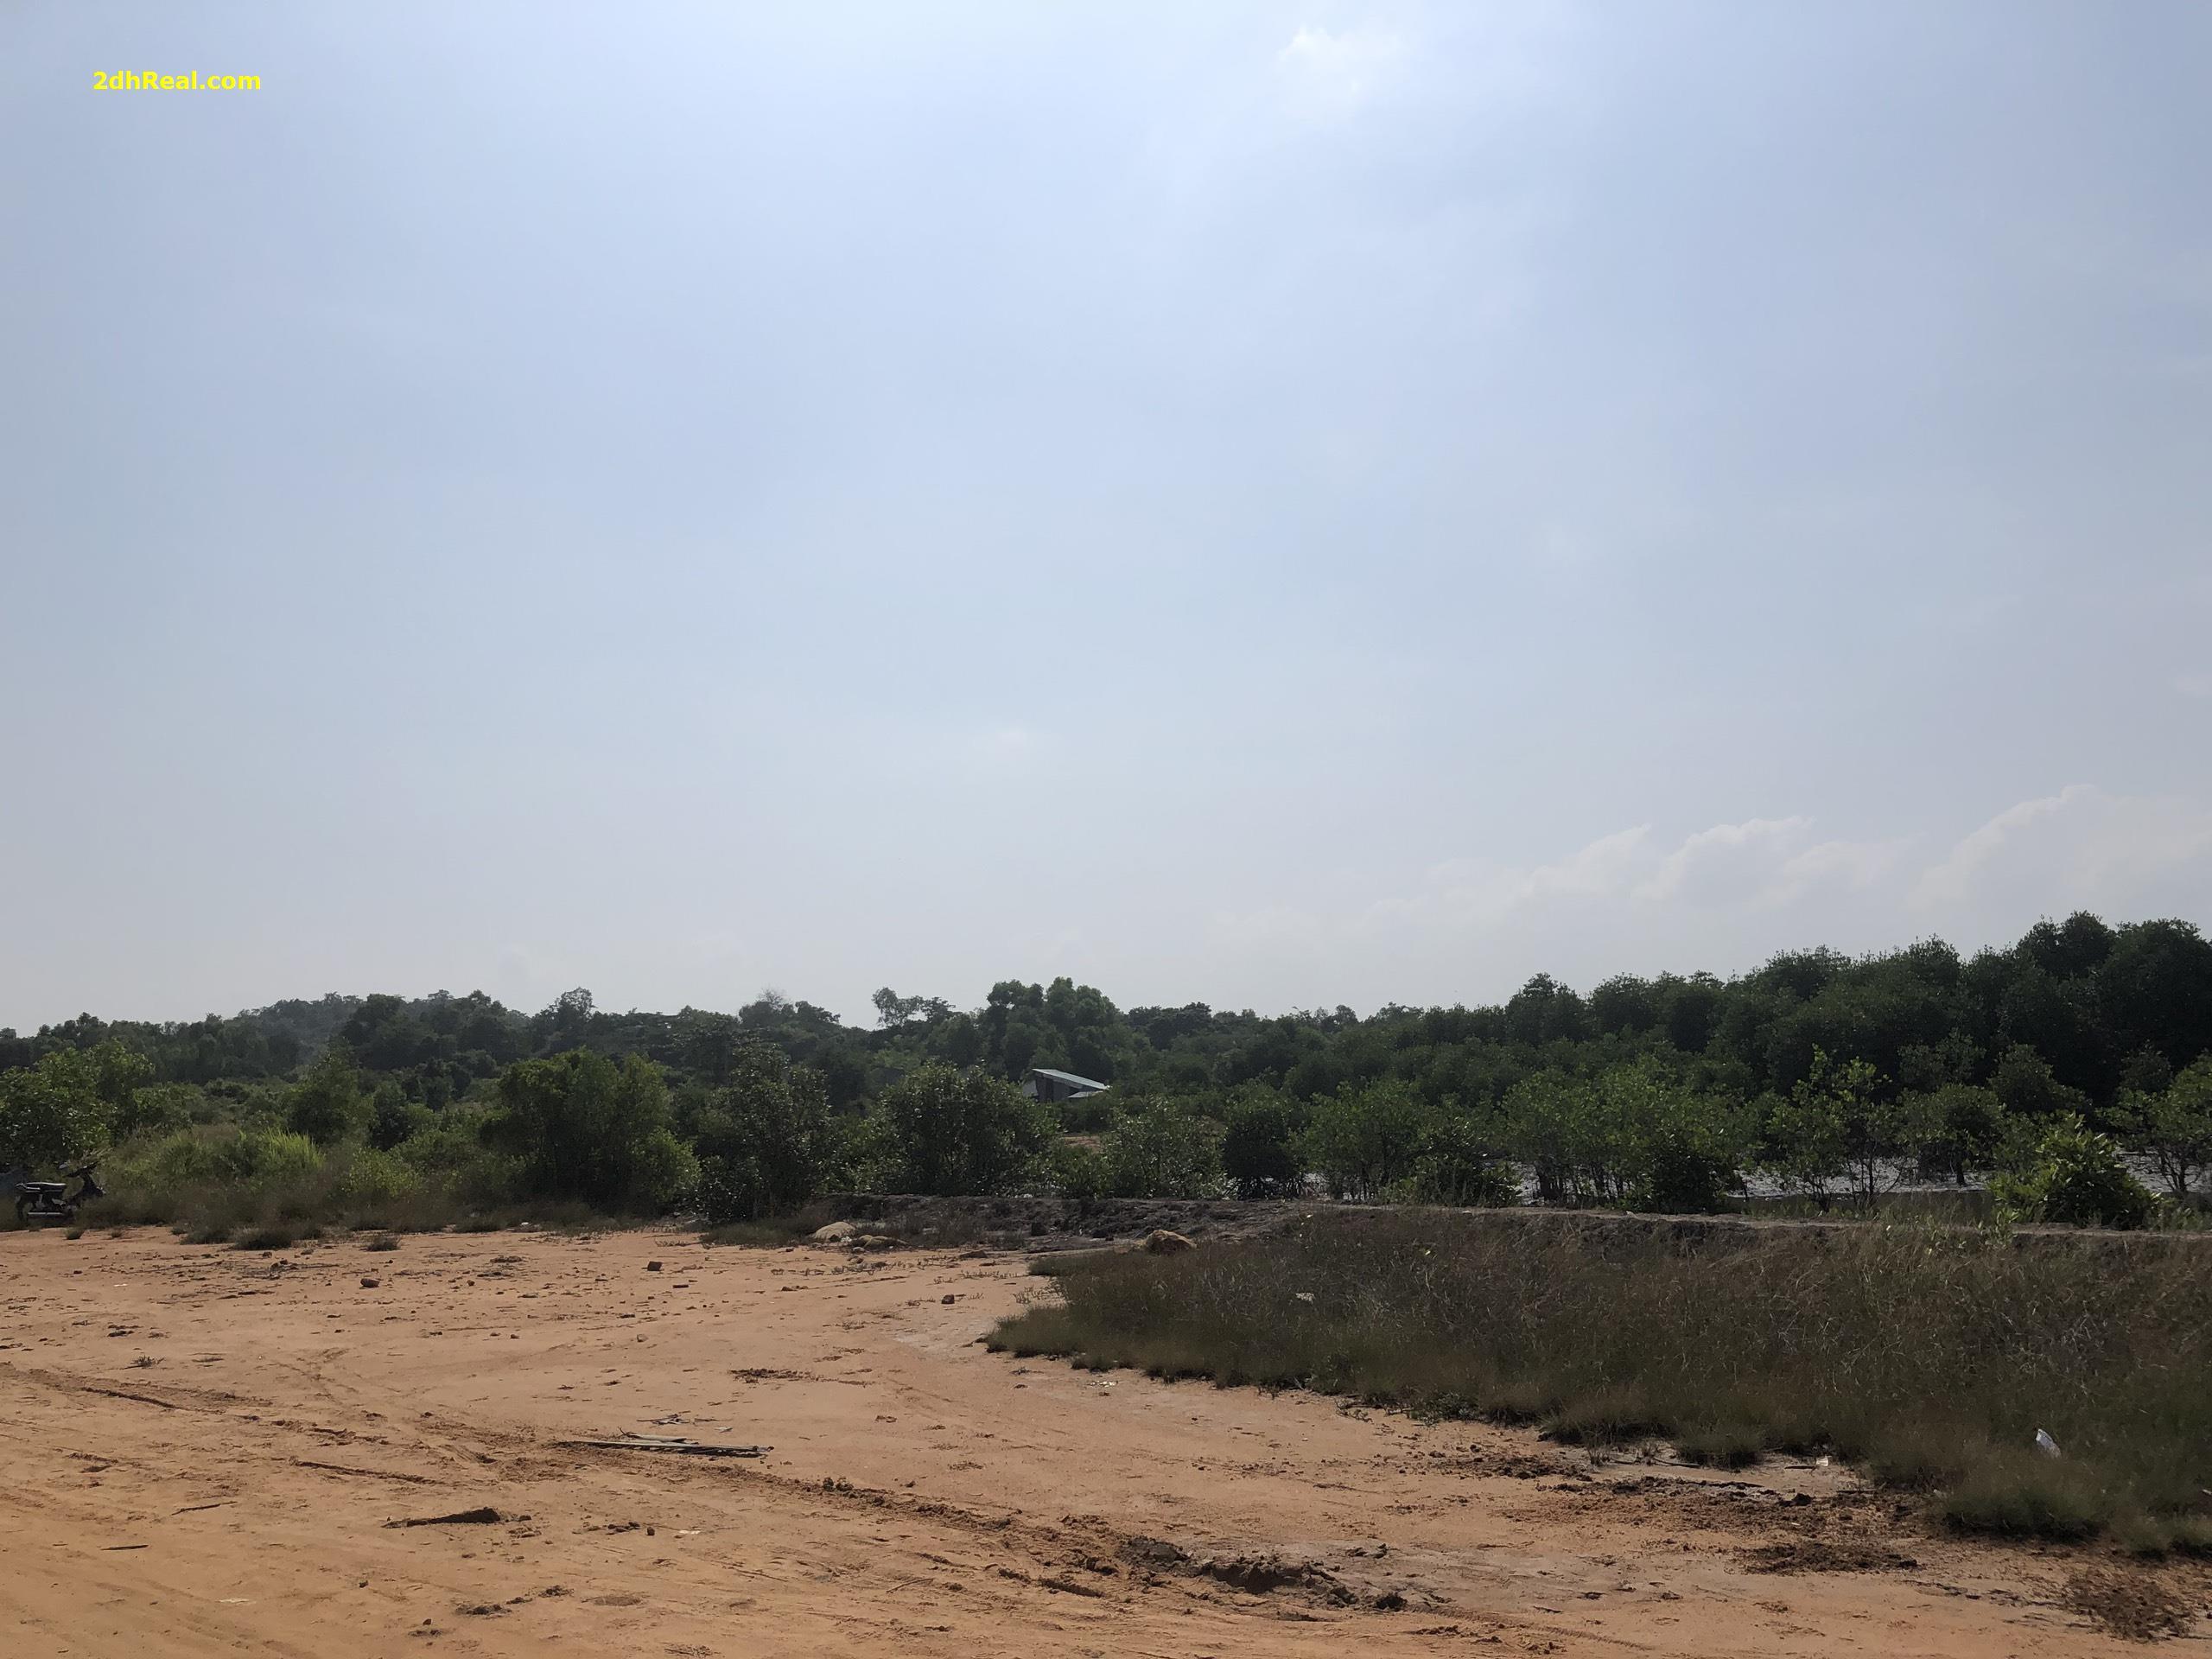 Chuyển nhượng dự án cảng biển nước sâu số 5 tại tp Vũng Tầu tỉnh Bà Rịa -Vũng Tầu